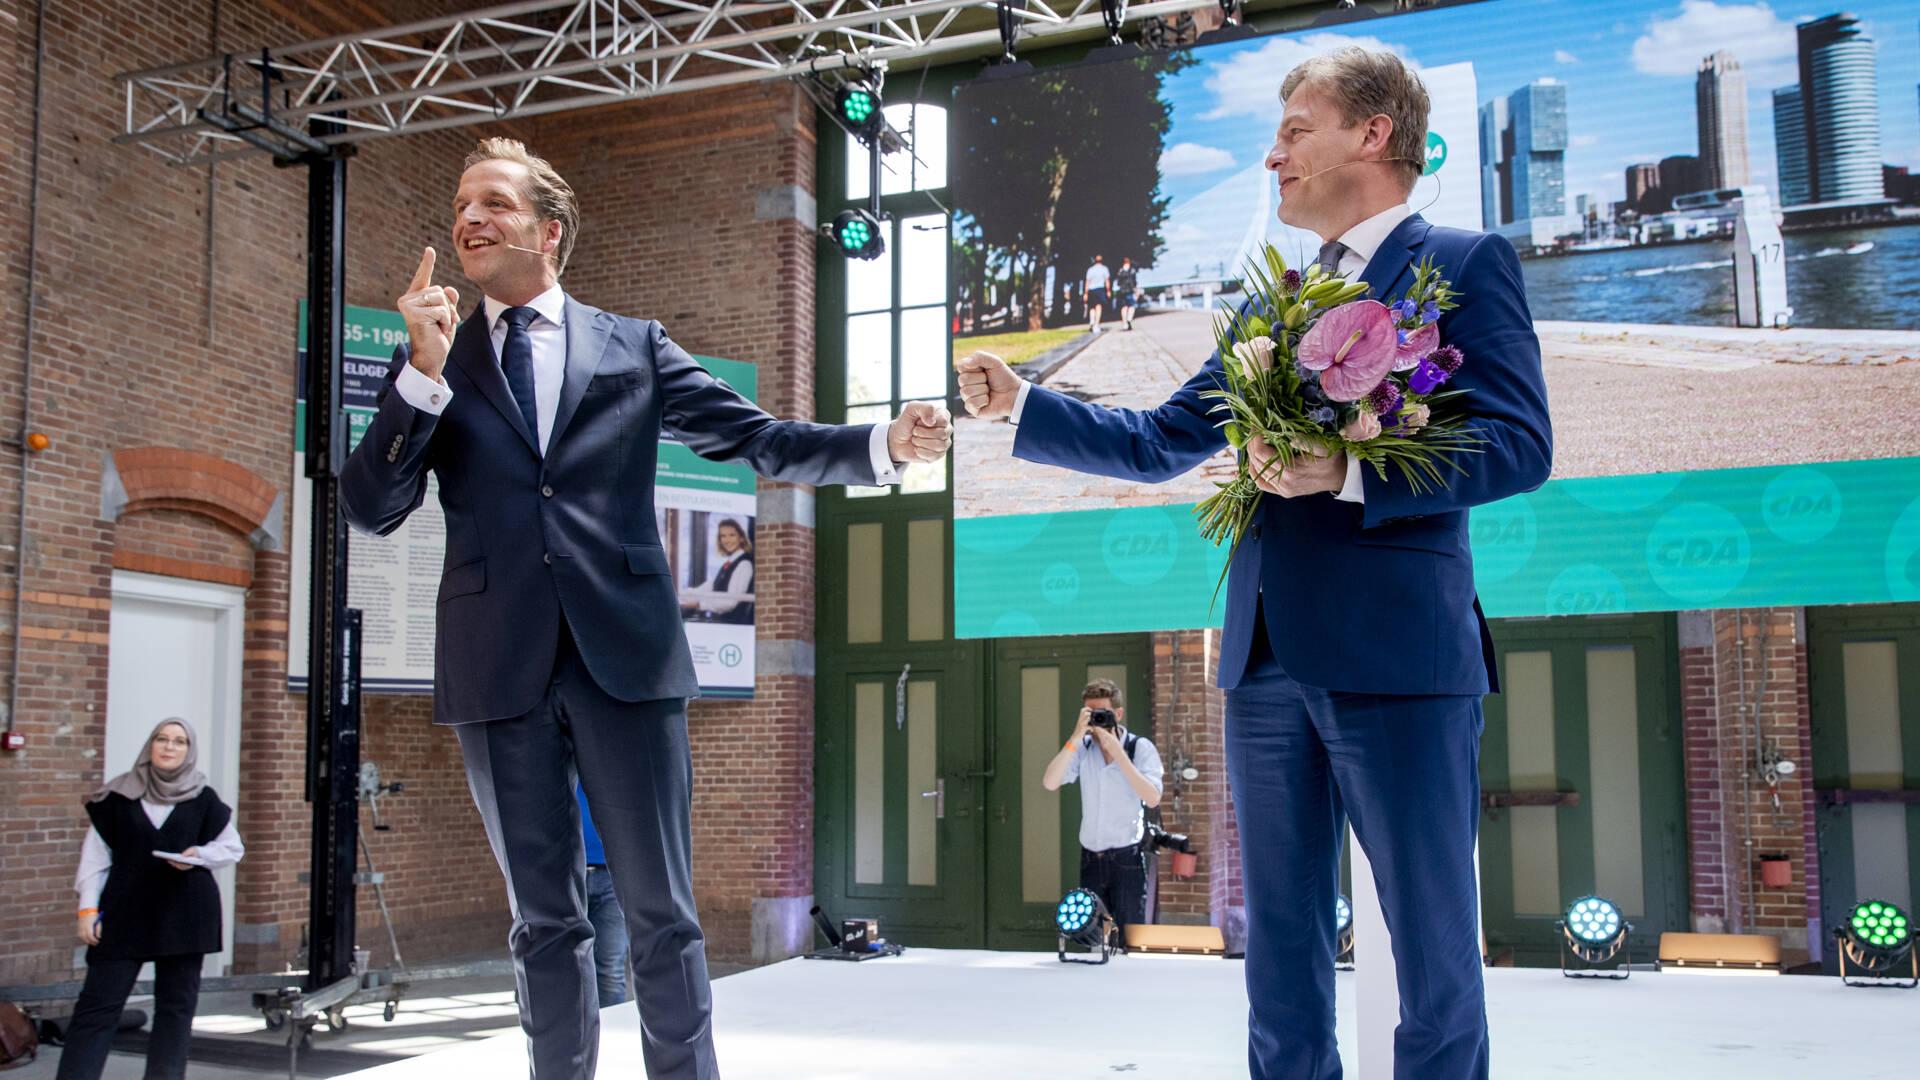 CDA يضع الوافدة الجديدة Inge van Dijk في المرتبة الثالثة على قائمة المرشحين